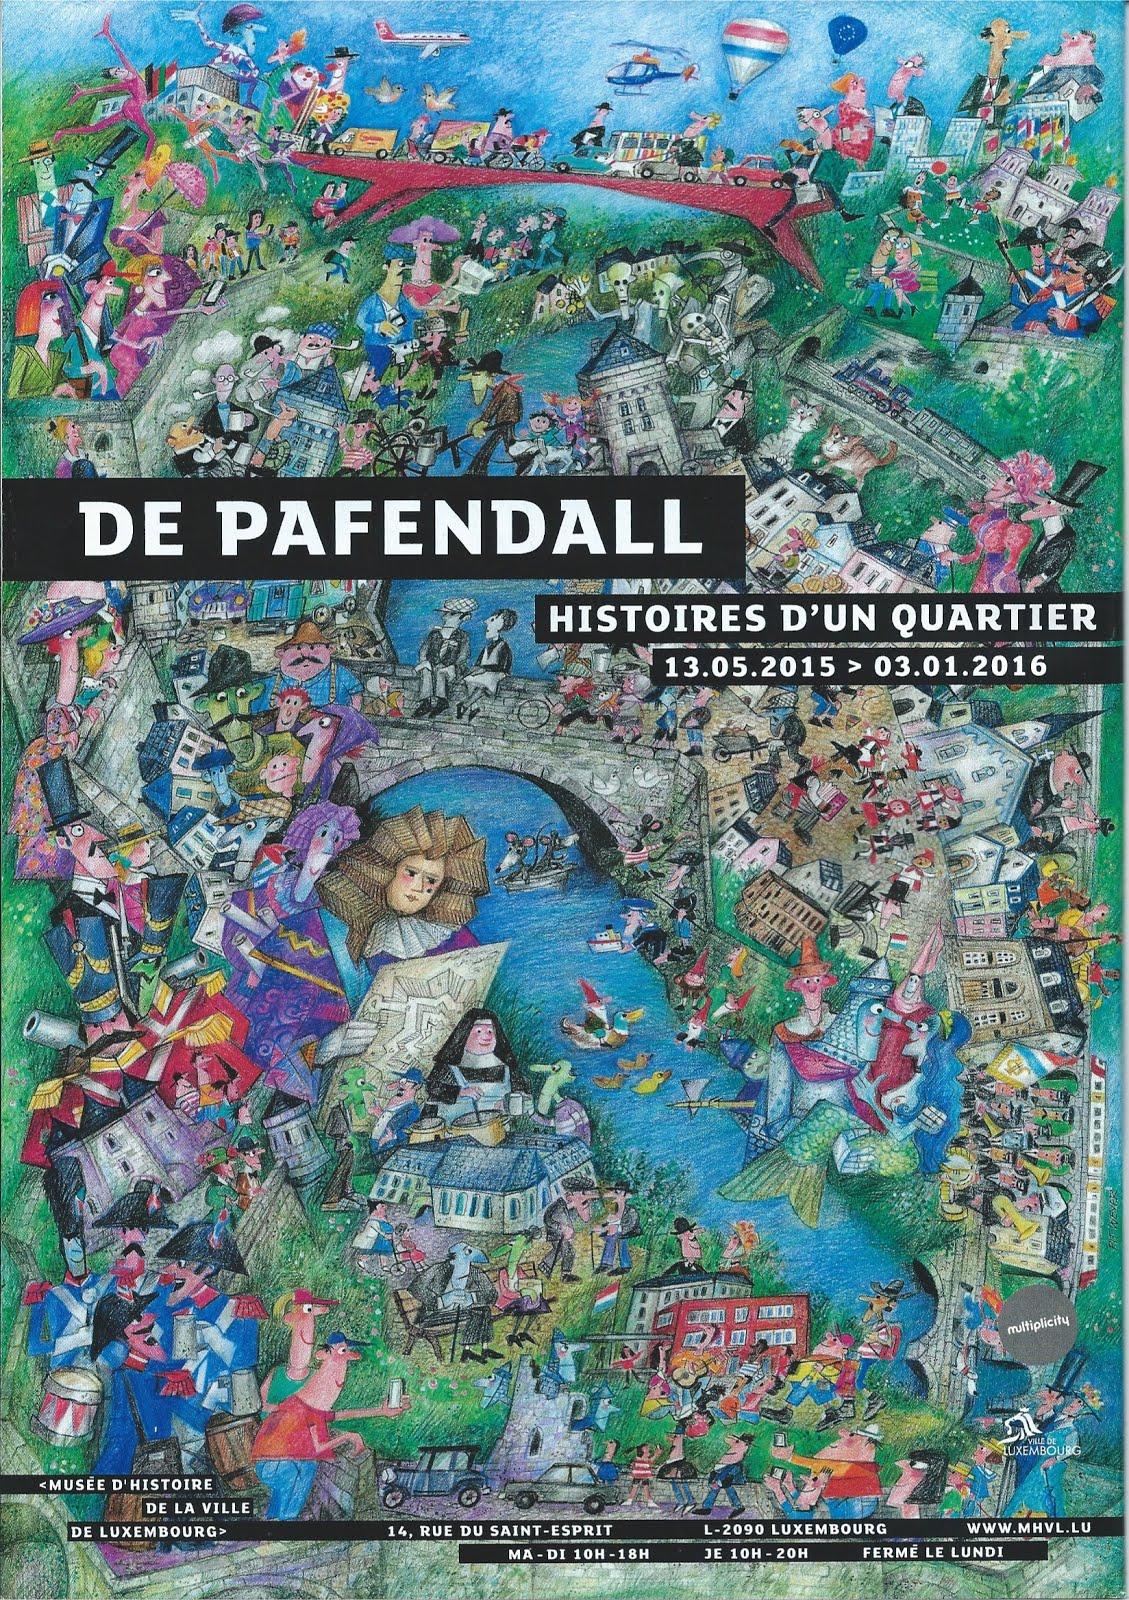 """VIDEO - DE PAFENDALL """"Histoires d'un quartier"""". Cliquez sur la photo. Version en luxembourgeois."""